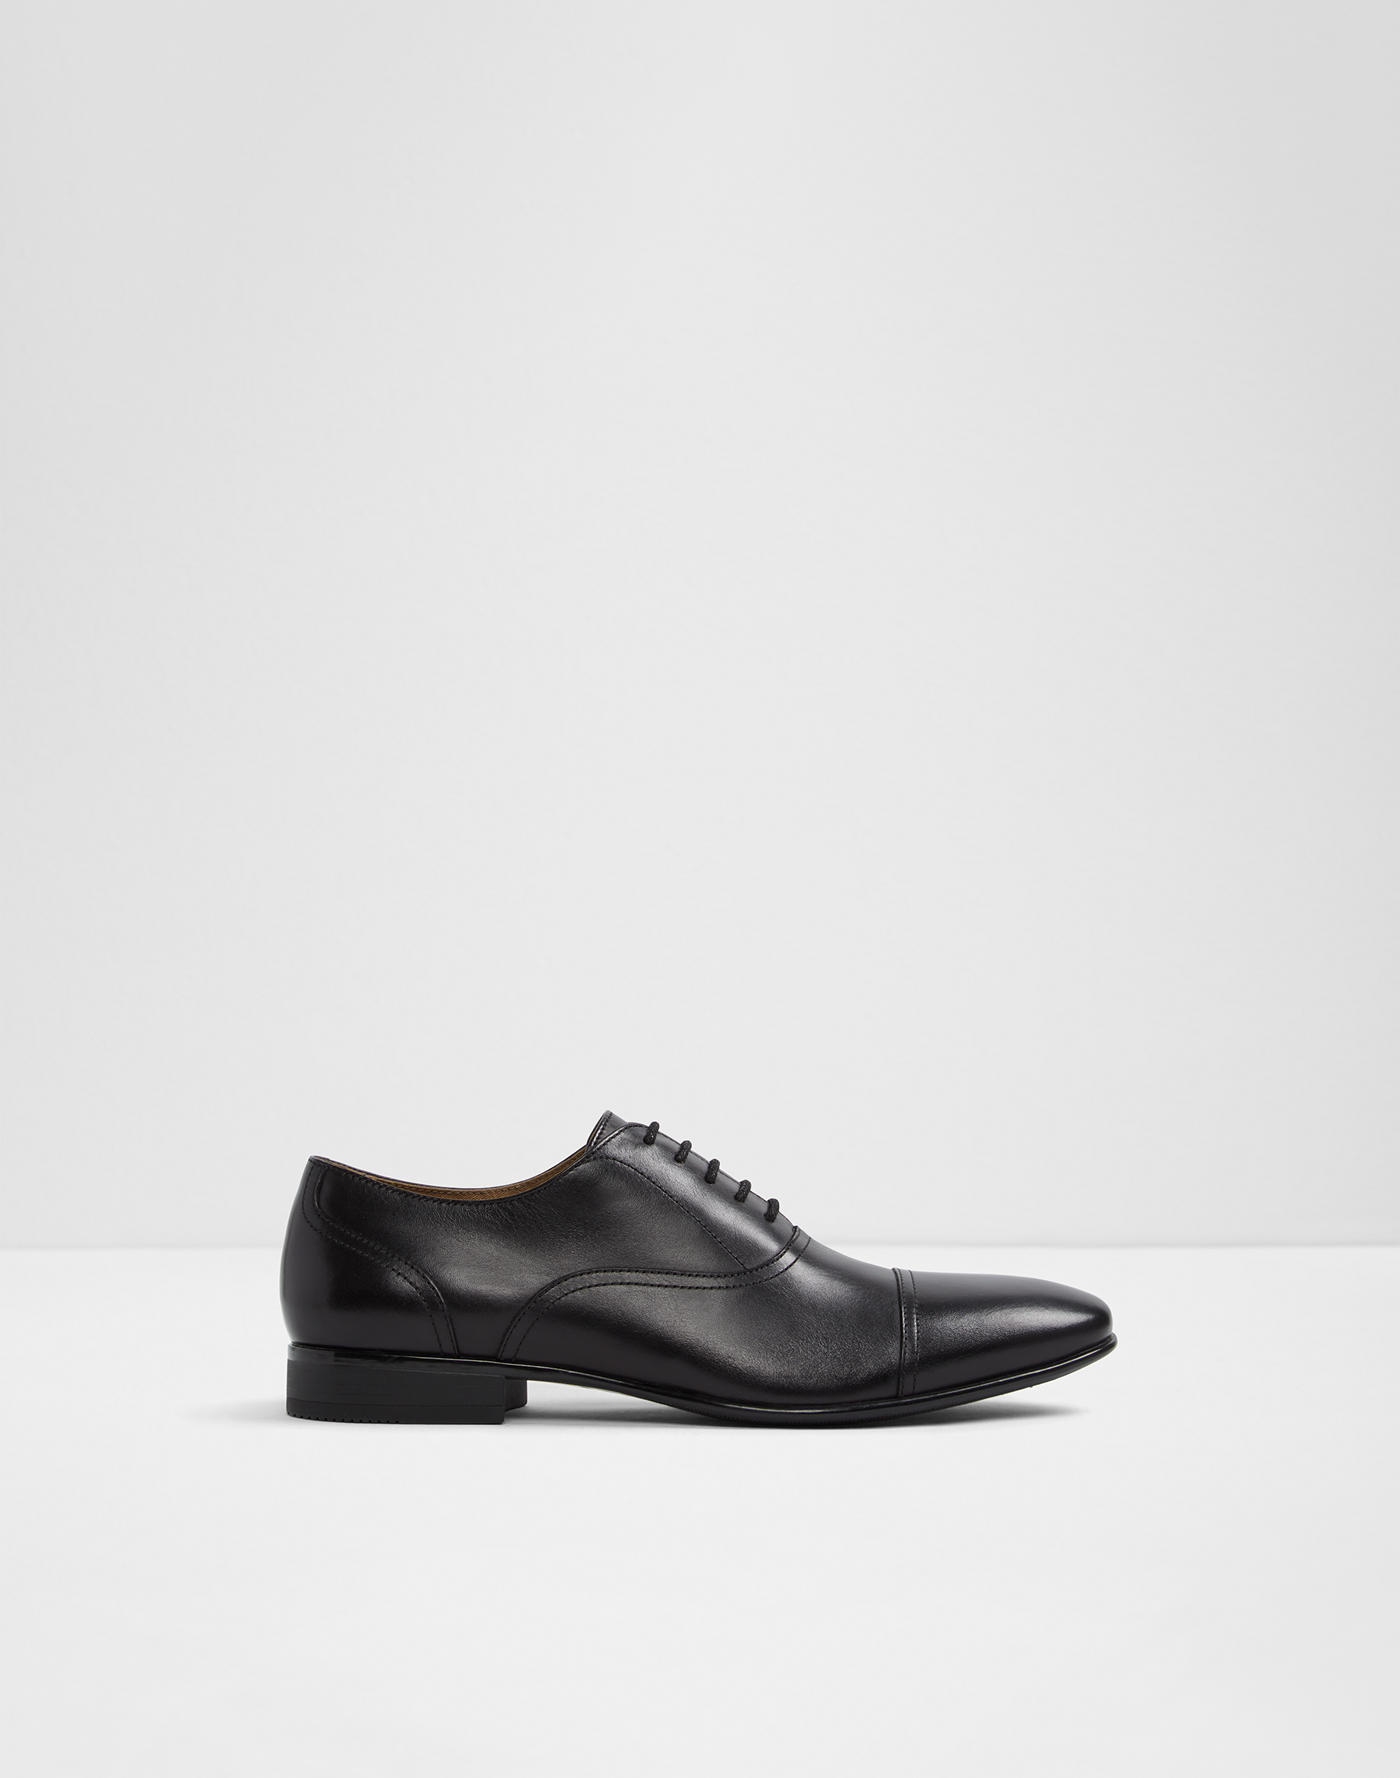 06c8157f5 All Men's Sales | Shoes, Accessories And Wallets | ALDO US | Aldoshoes.com  US